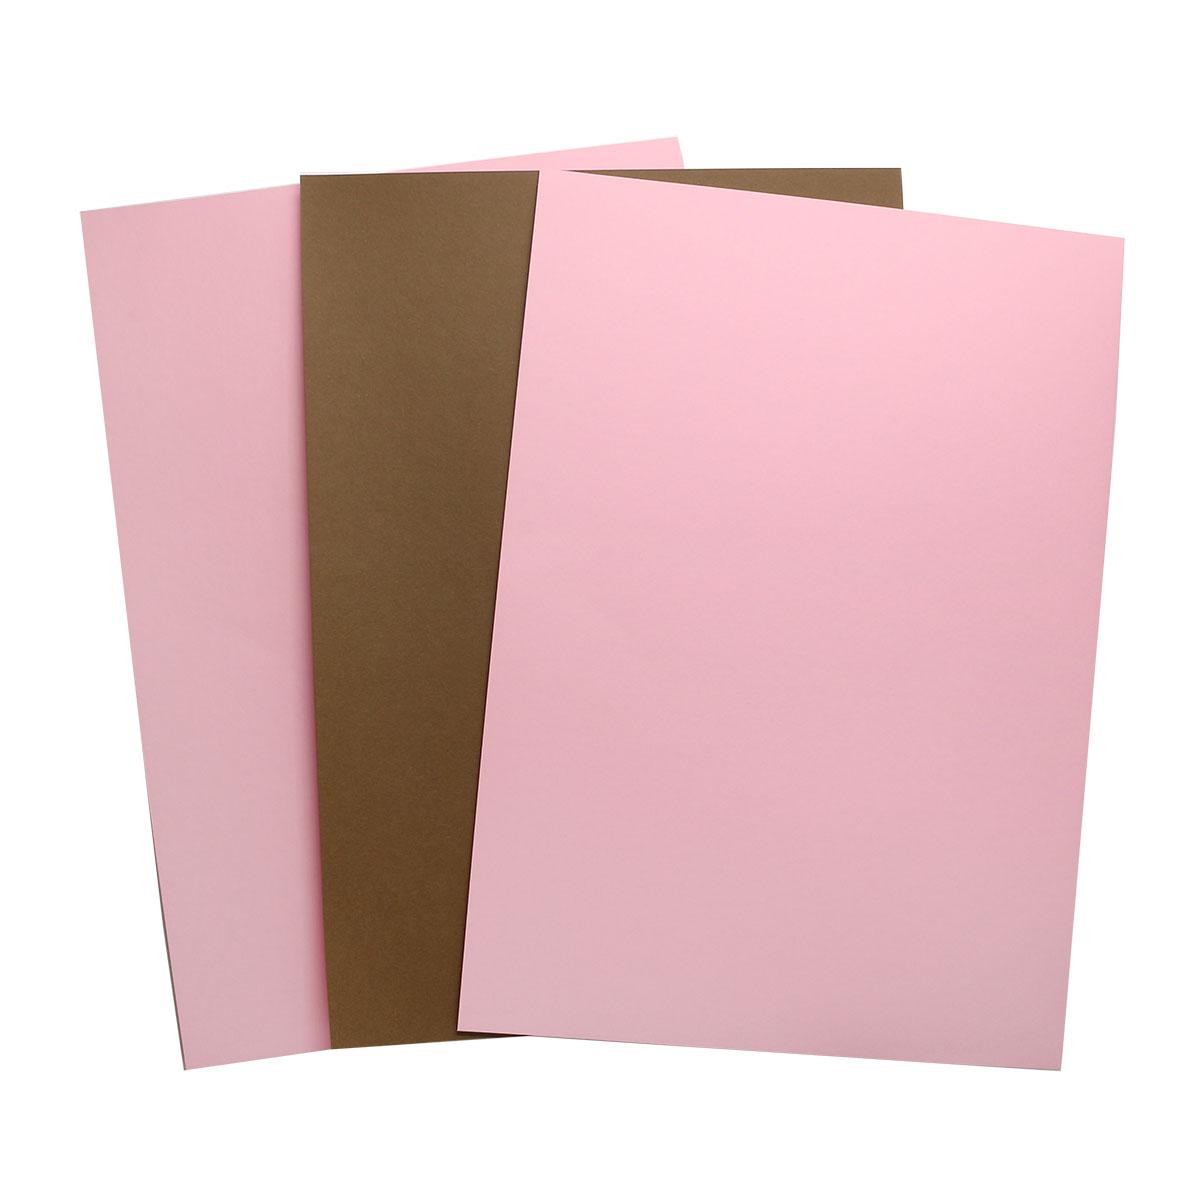 БД0003 Бумага двухсторонняя А4 КОМПЛЕКТ 3шт. Розовый/Коричневый